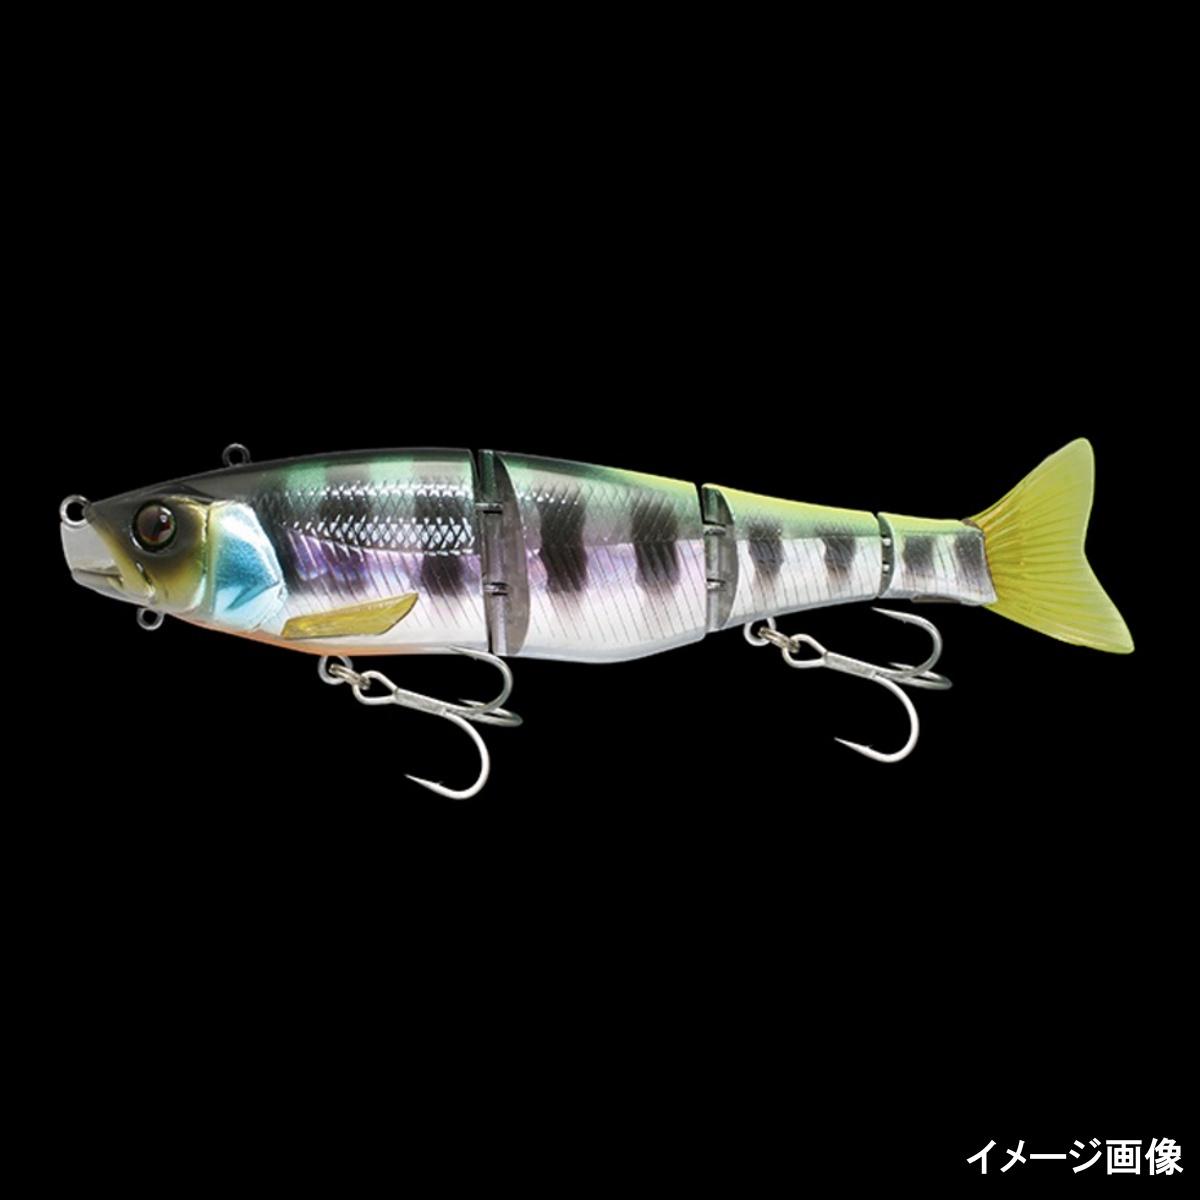 楽天市場 ジャッカル ガンティア 180 HLチャートストライクギル:釣具の ... 43c80ca9a60